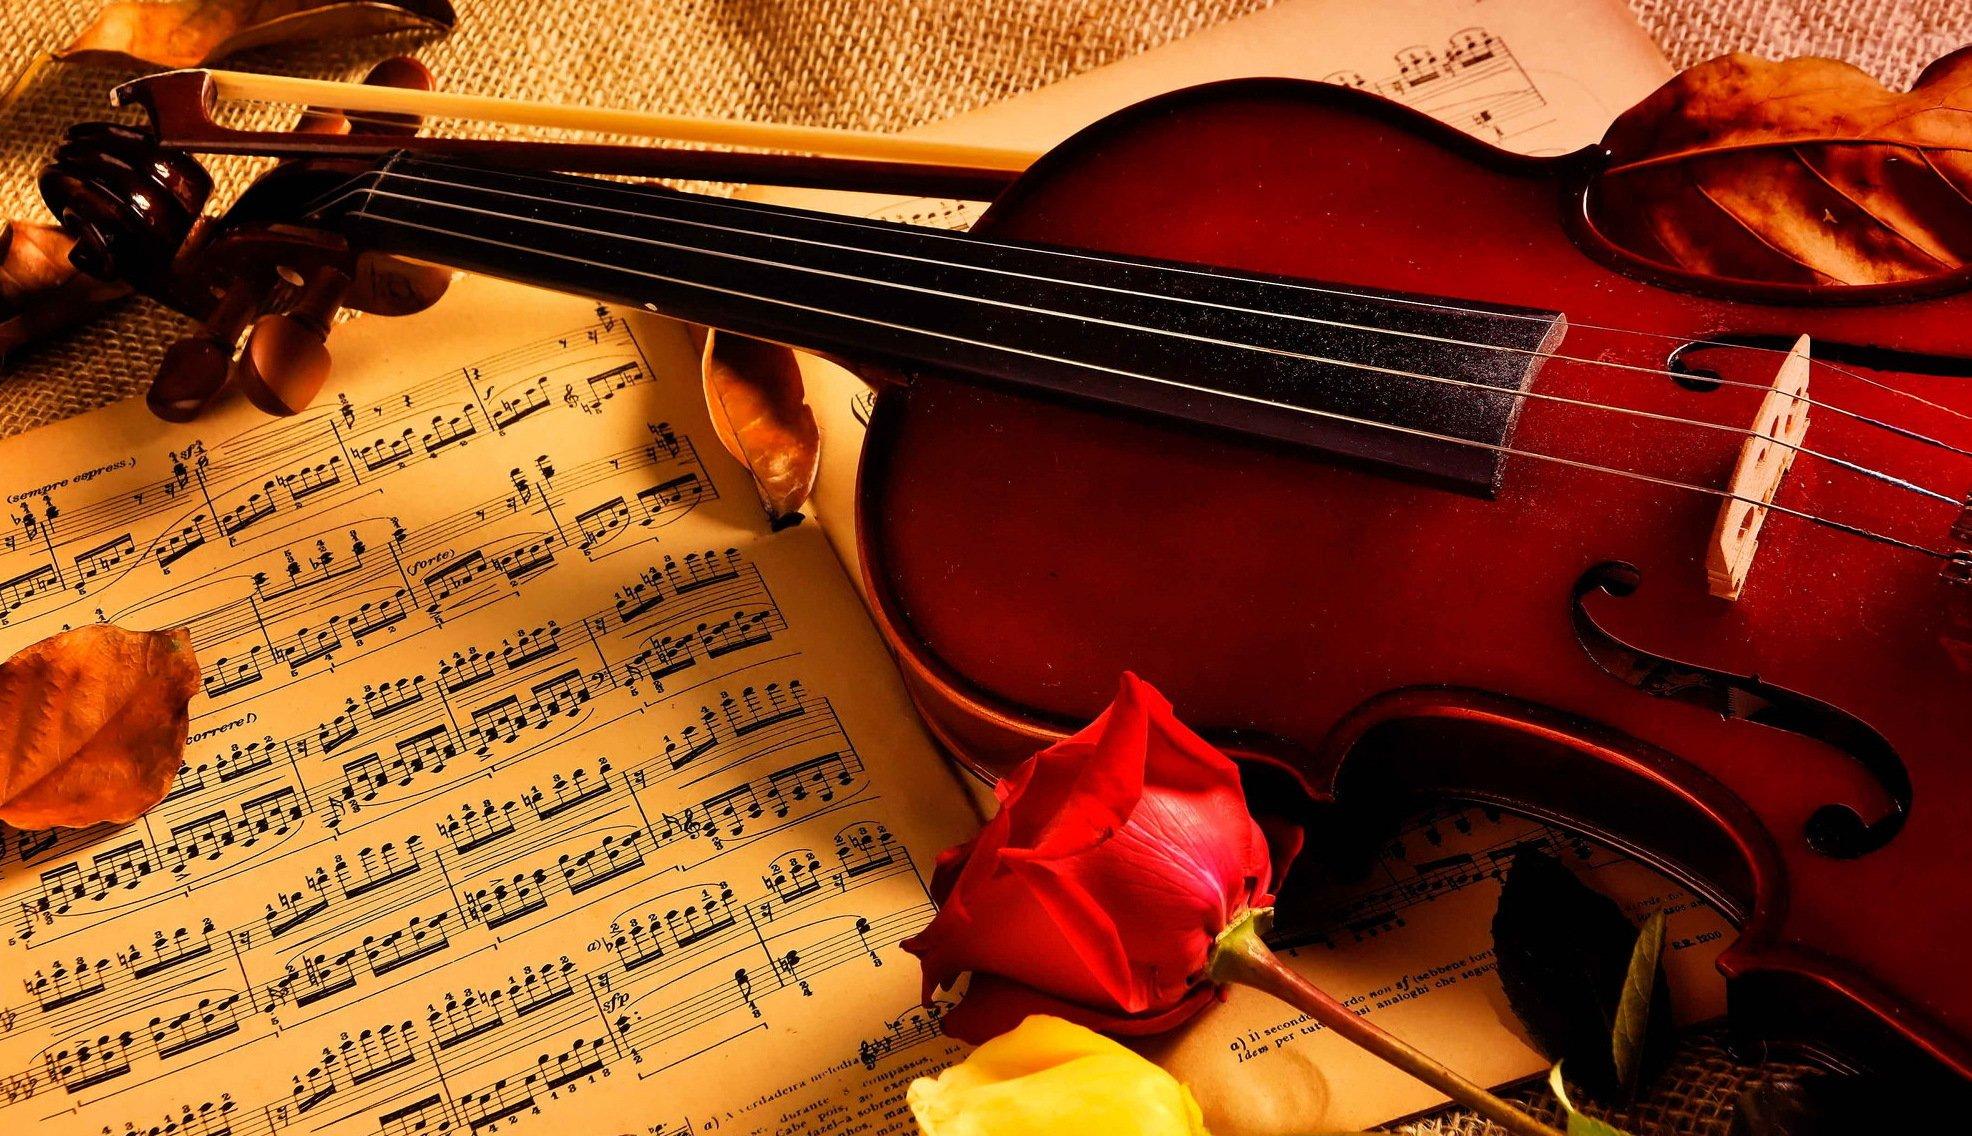 Открытки с музыкальными инструментами и цветами, картинки надписями